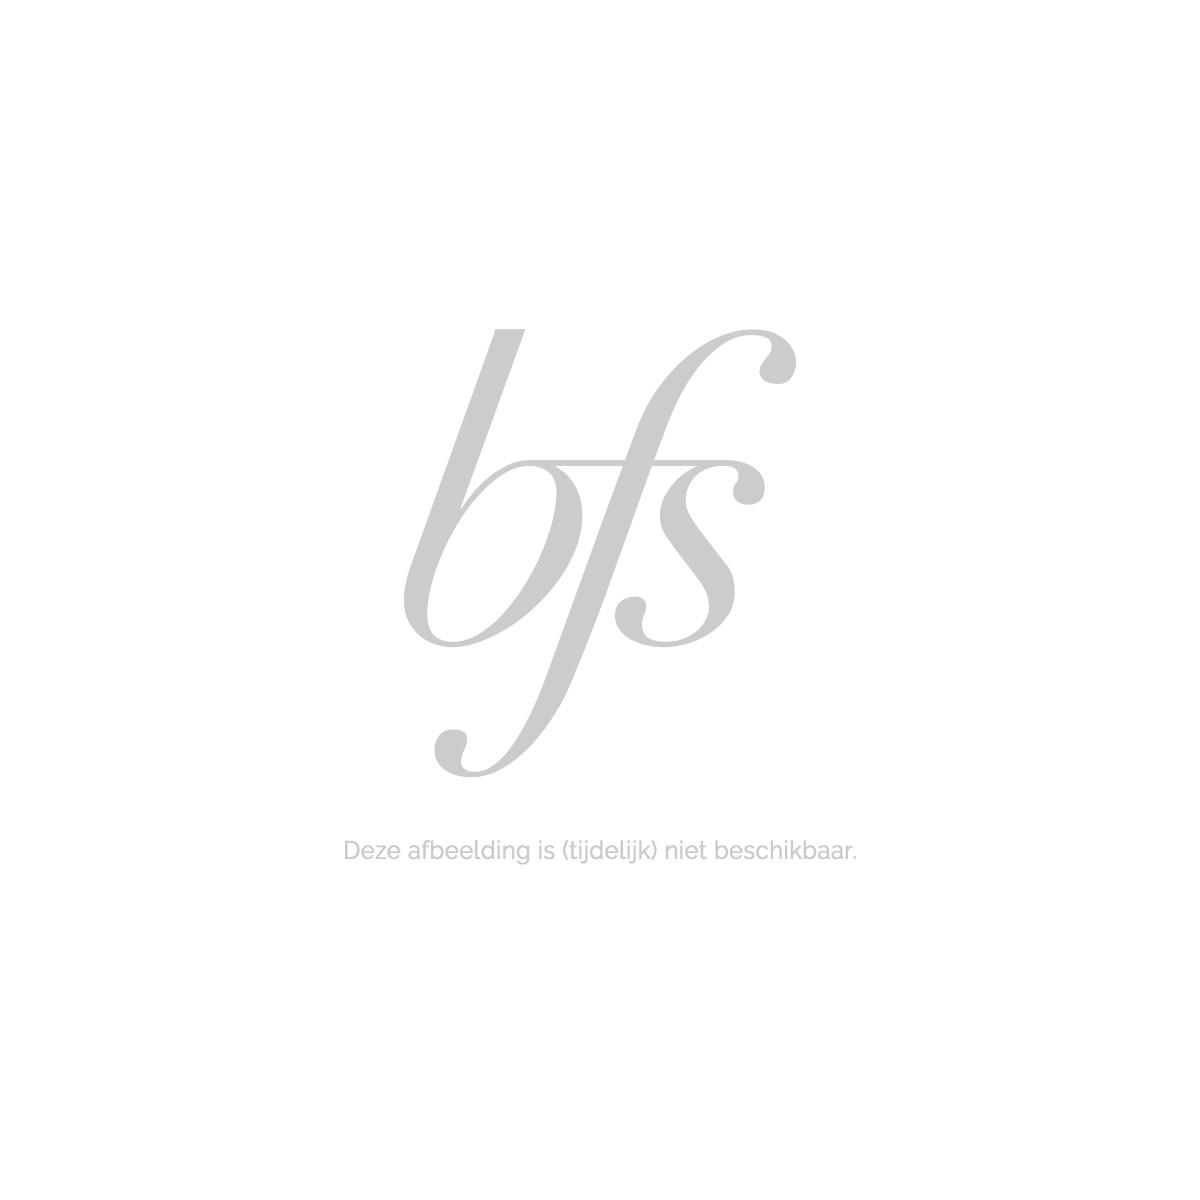 Marc Jacobs Daisy Dream Eau de Toilette 50 ml